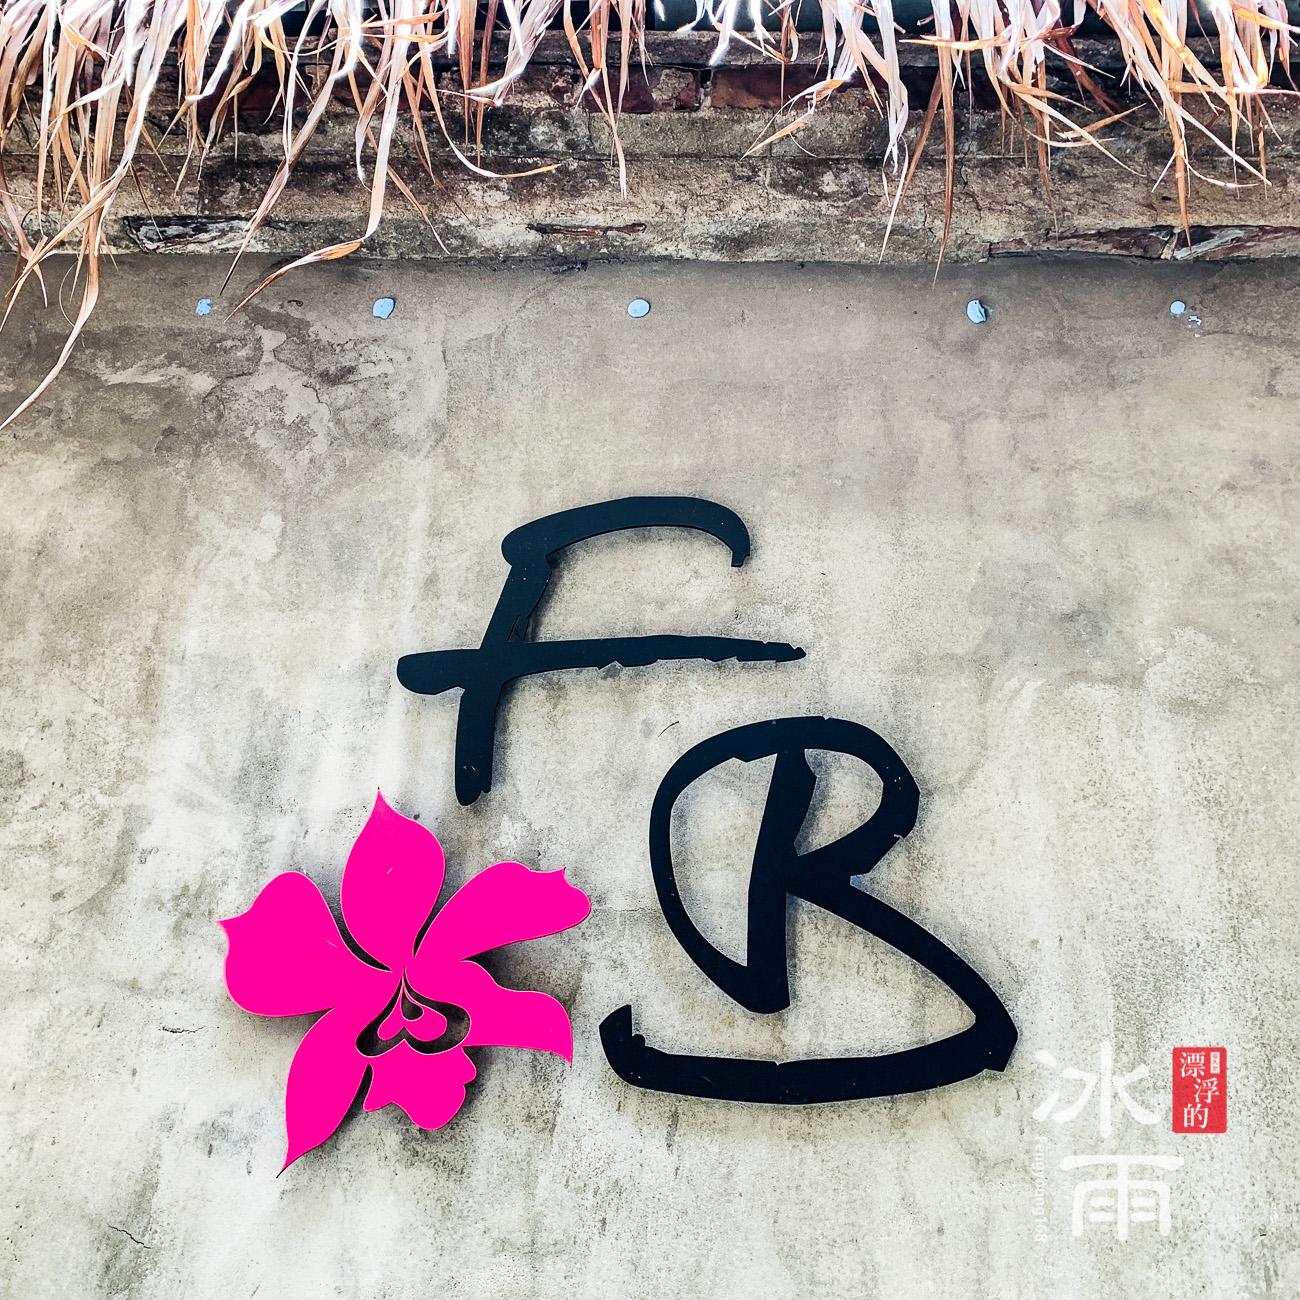 店名的英文縮寫,手寫的質感非常好!那朵小花也超棒的